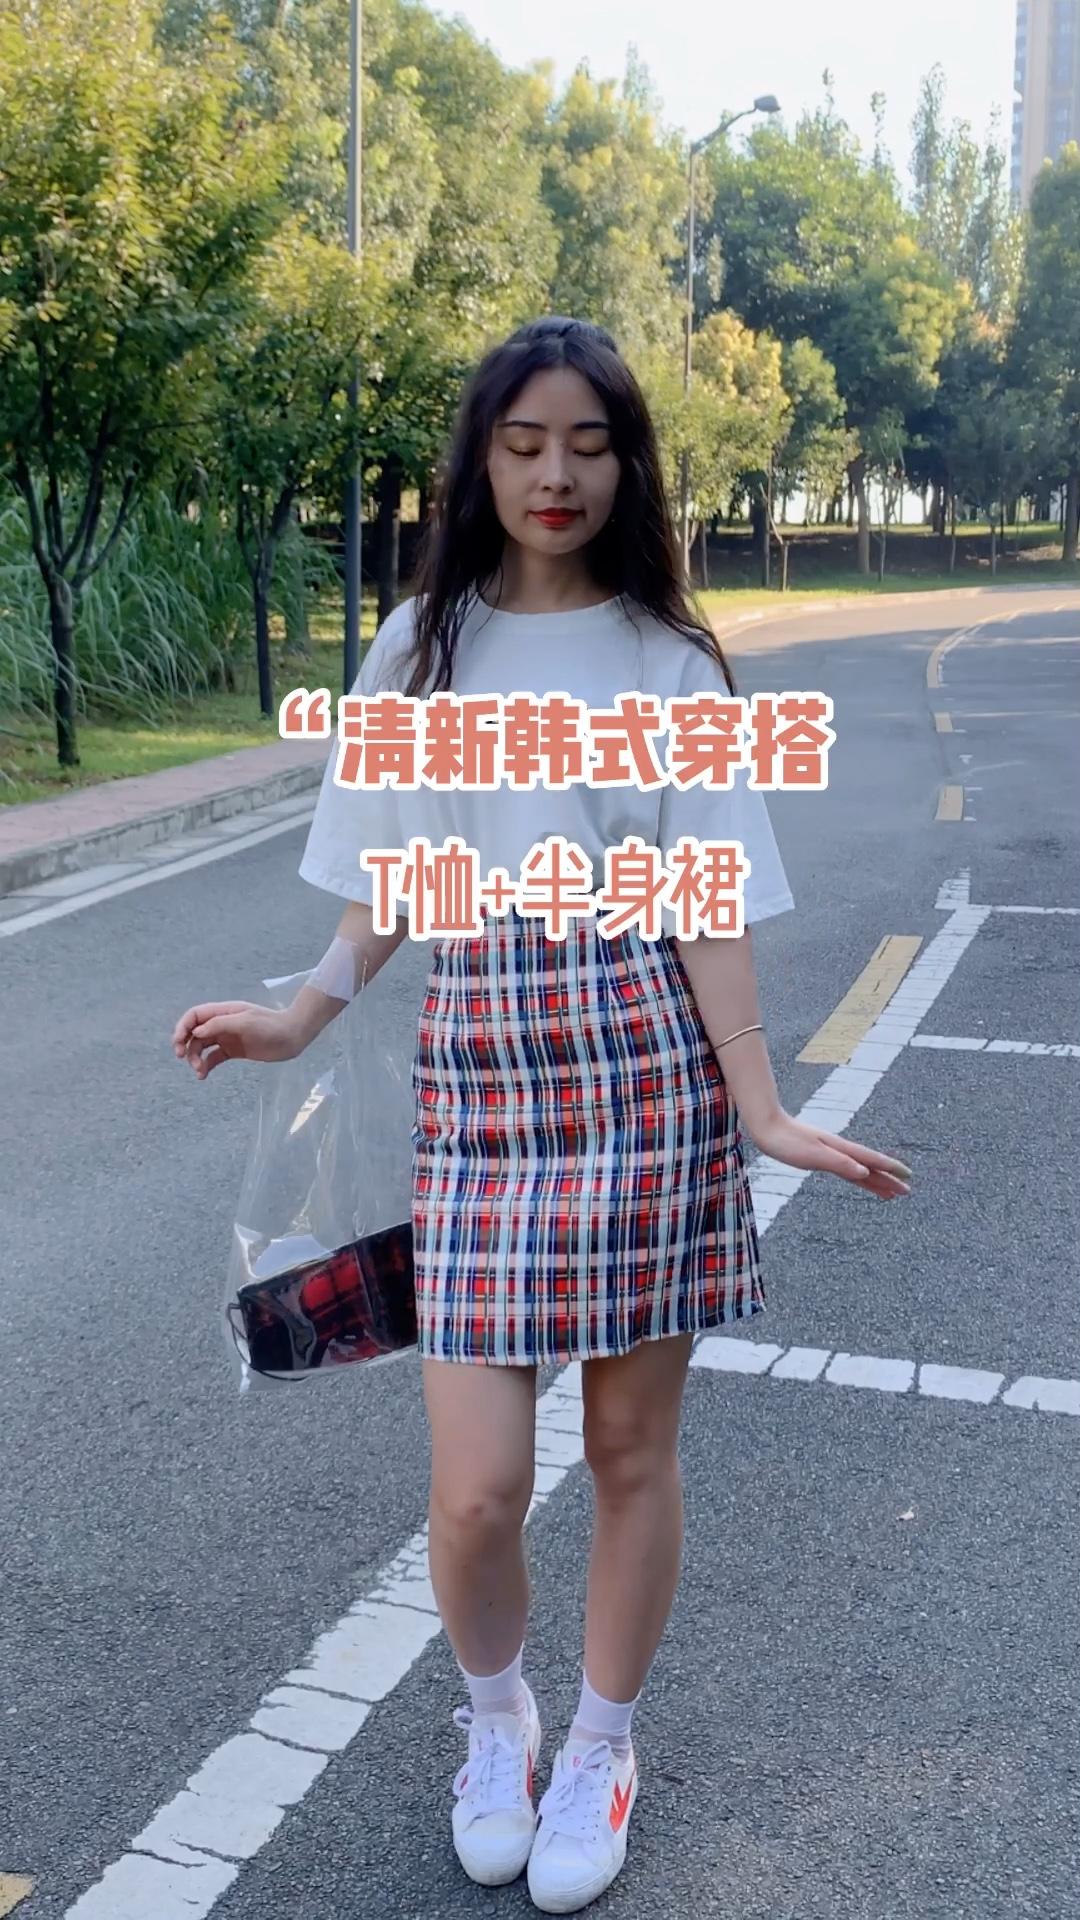 #夏日收官look大比拼# 眼看夏天要完了,抓紧最后的夏天穿裙子哦! 这一身就是很韩式的搭配,简单的T恤搭配格纹半身裙,简洁清新又好看哦!